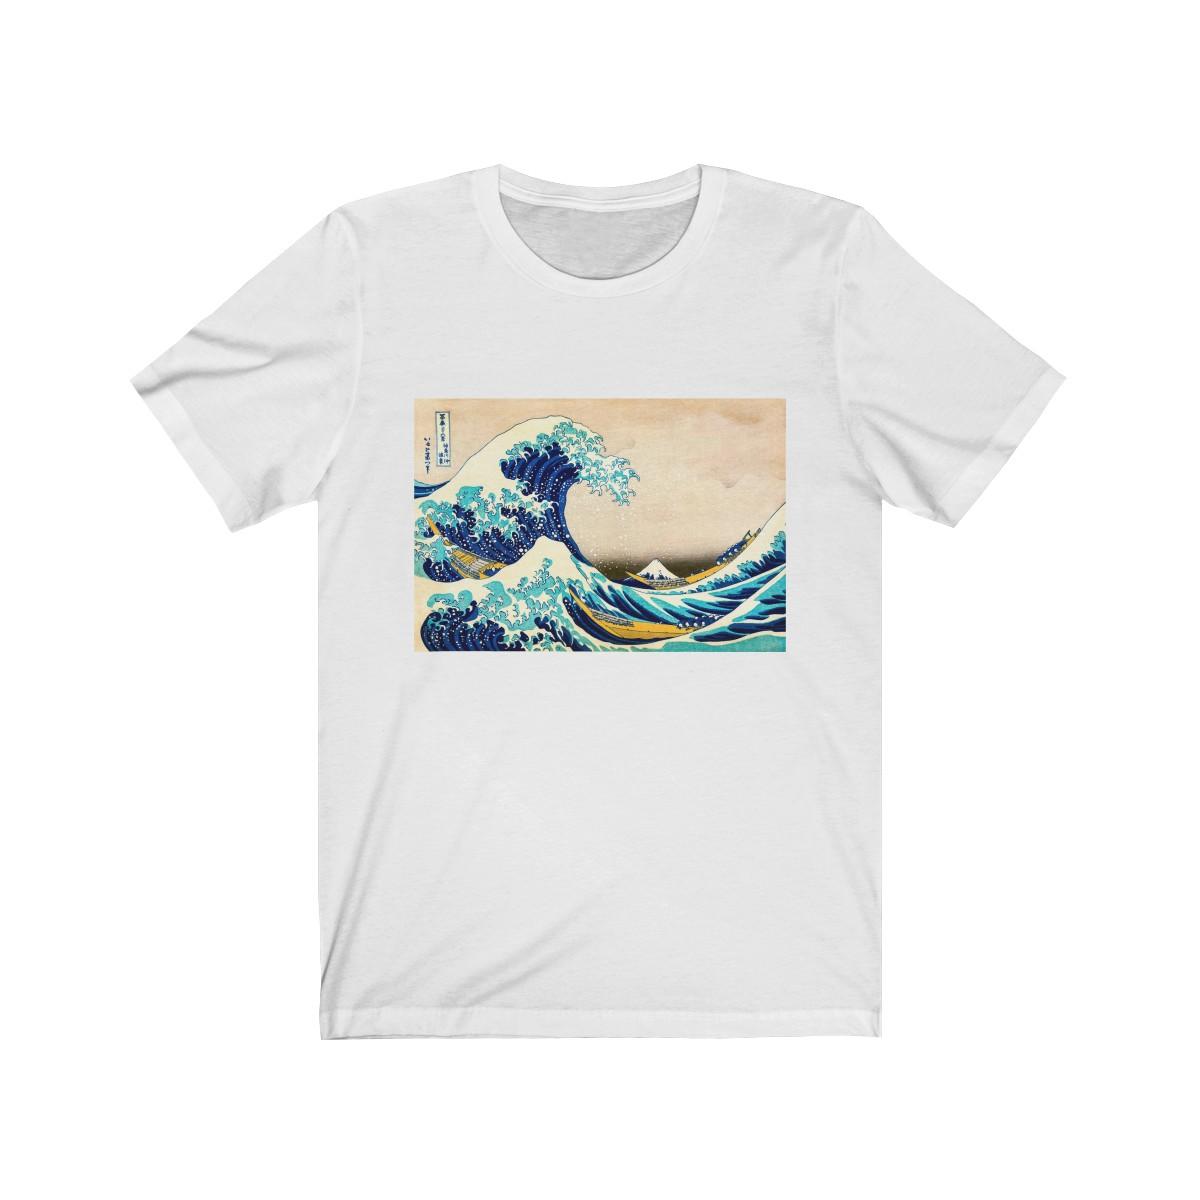 Unisex Jersey Kurzarm Surfer T-Shirt, Die große Welle von Hokusai